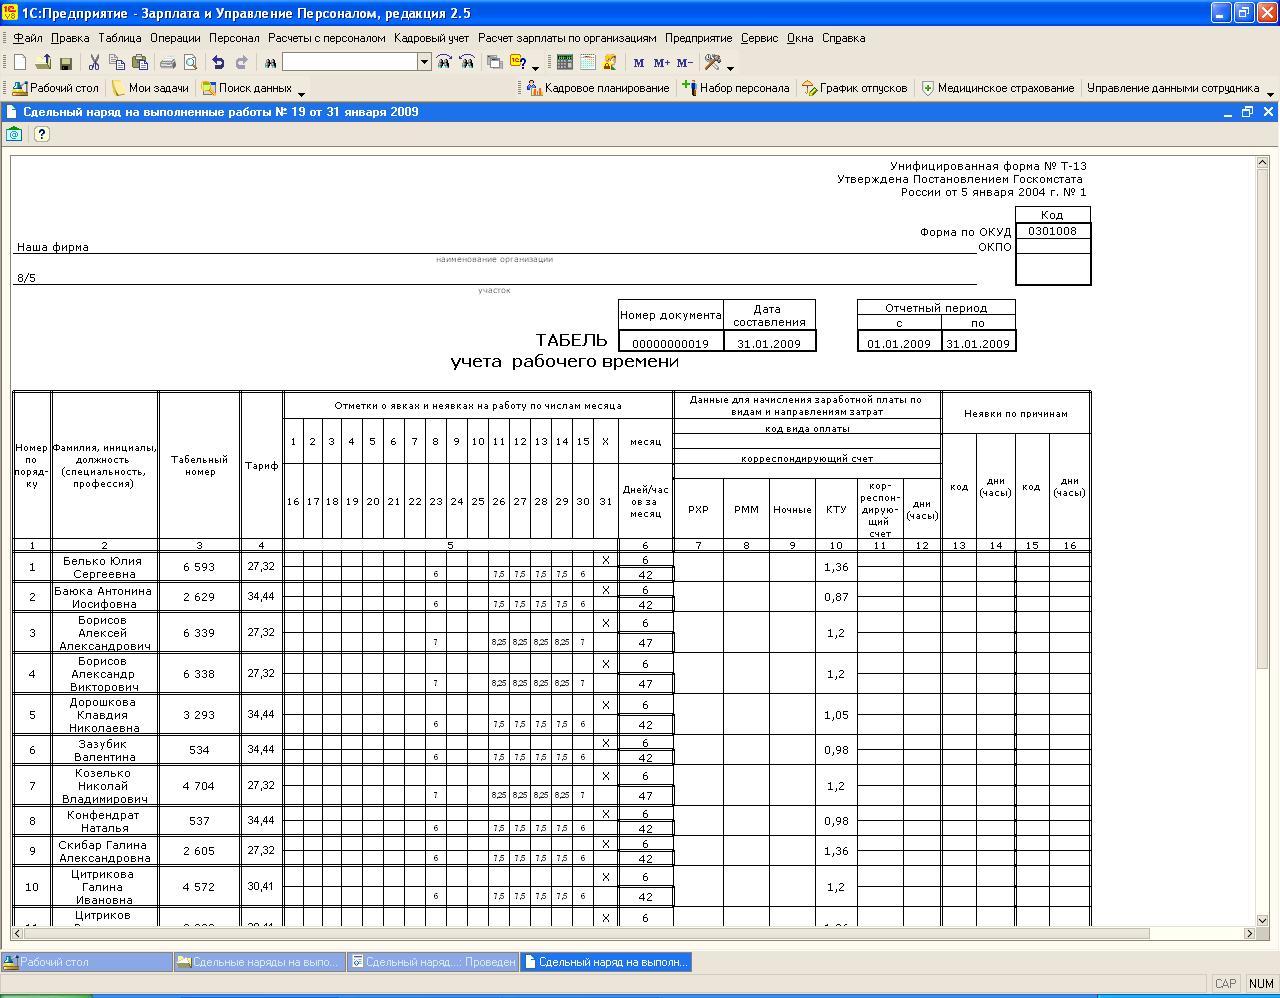 Перейти к комментариям (7). Очередная обработка для формирования табеля УРВ (Т-13).